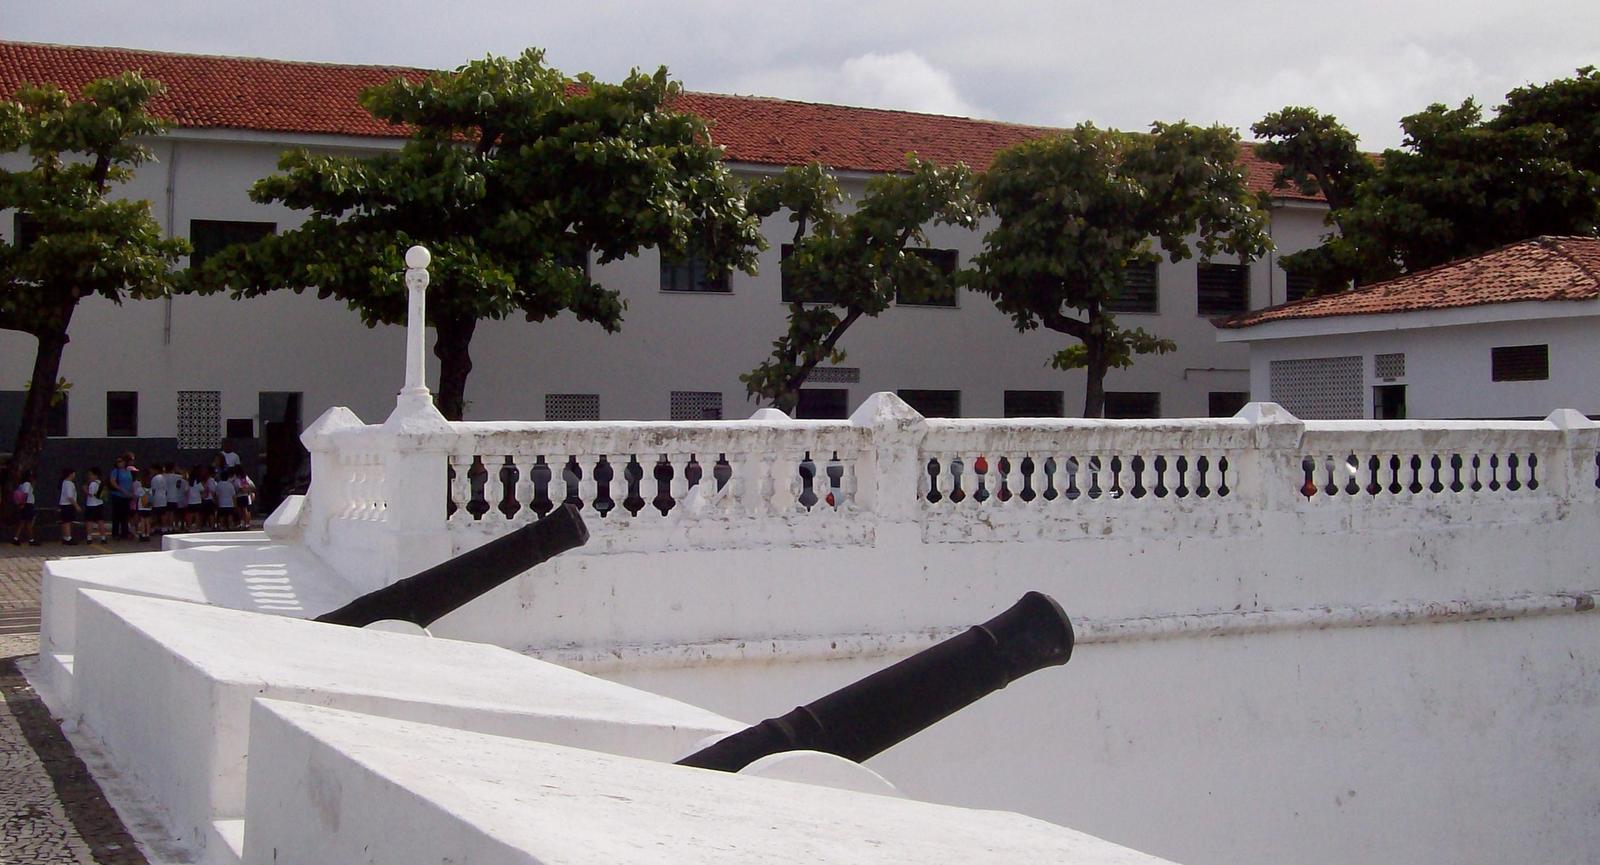 Festung Nossa Senhora da Assunção - Fortaleza